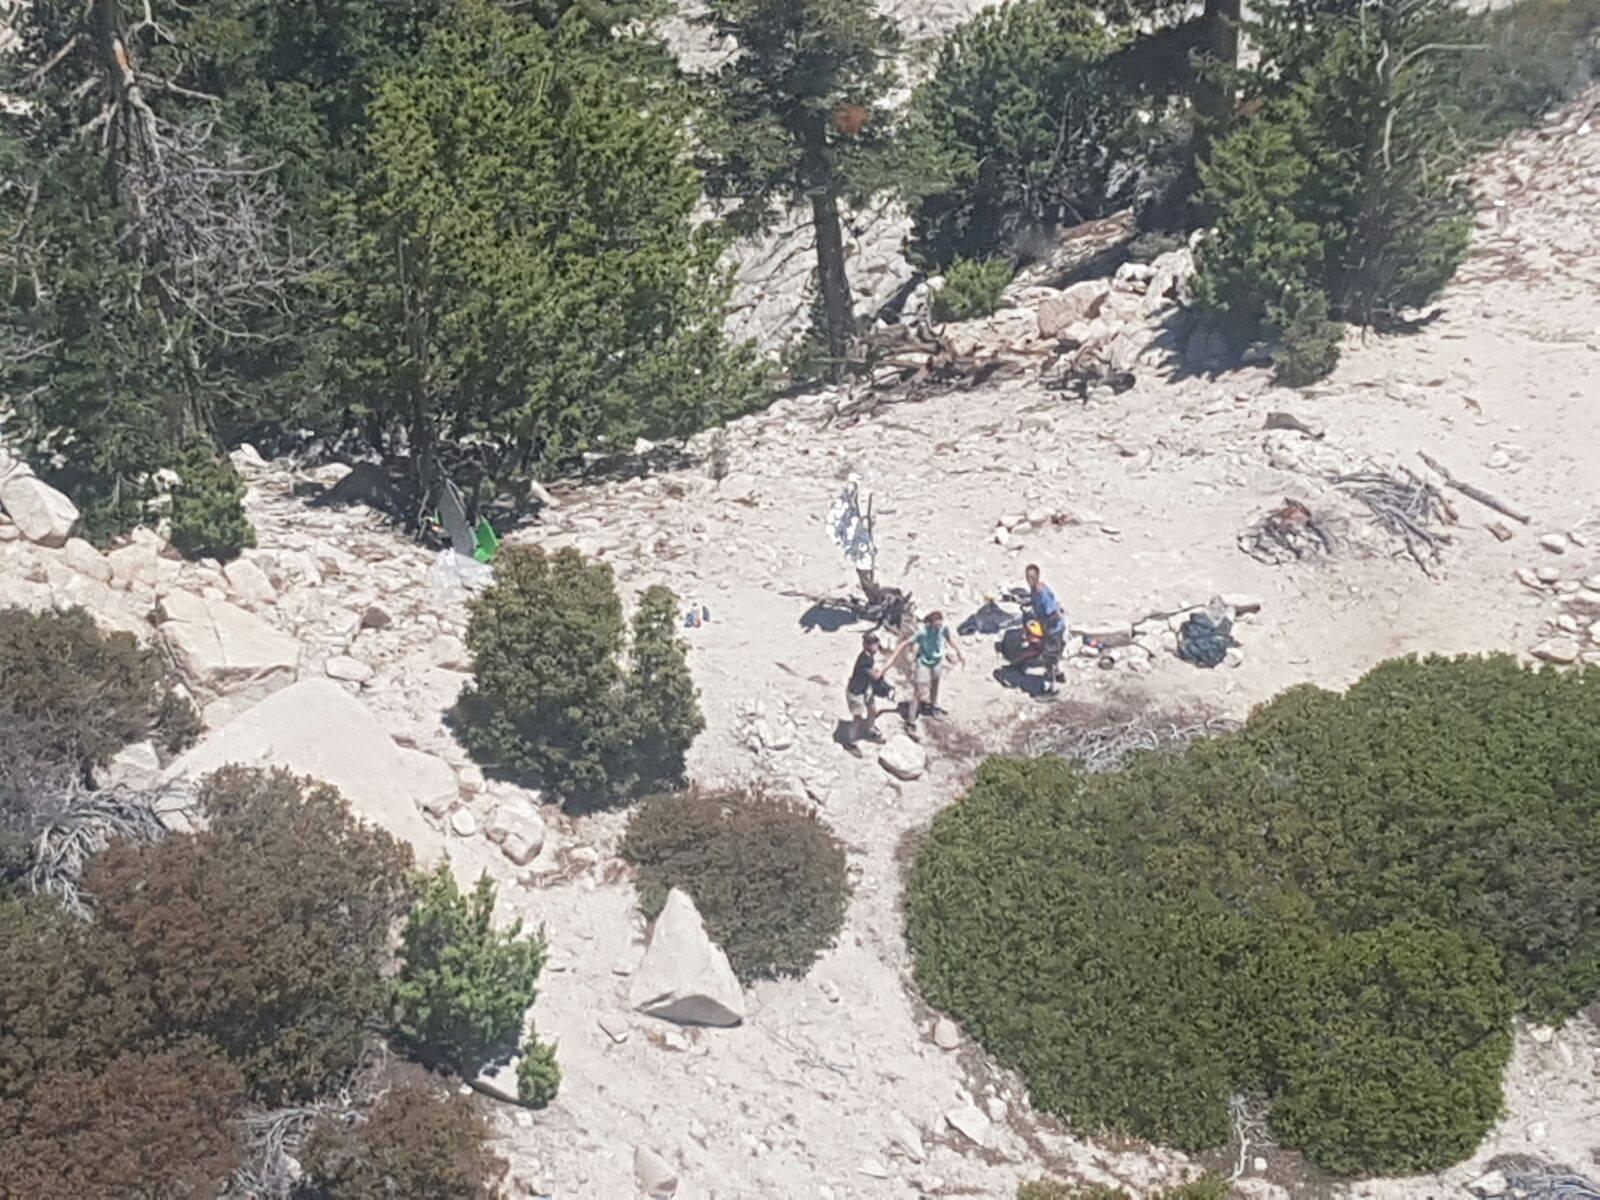 3 estadounidenses extraviados en San Pedro Mártir